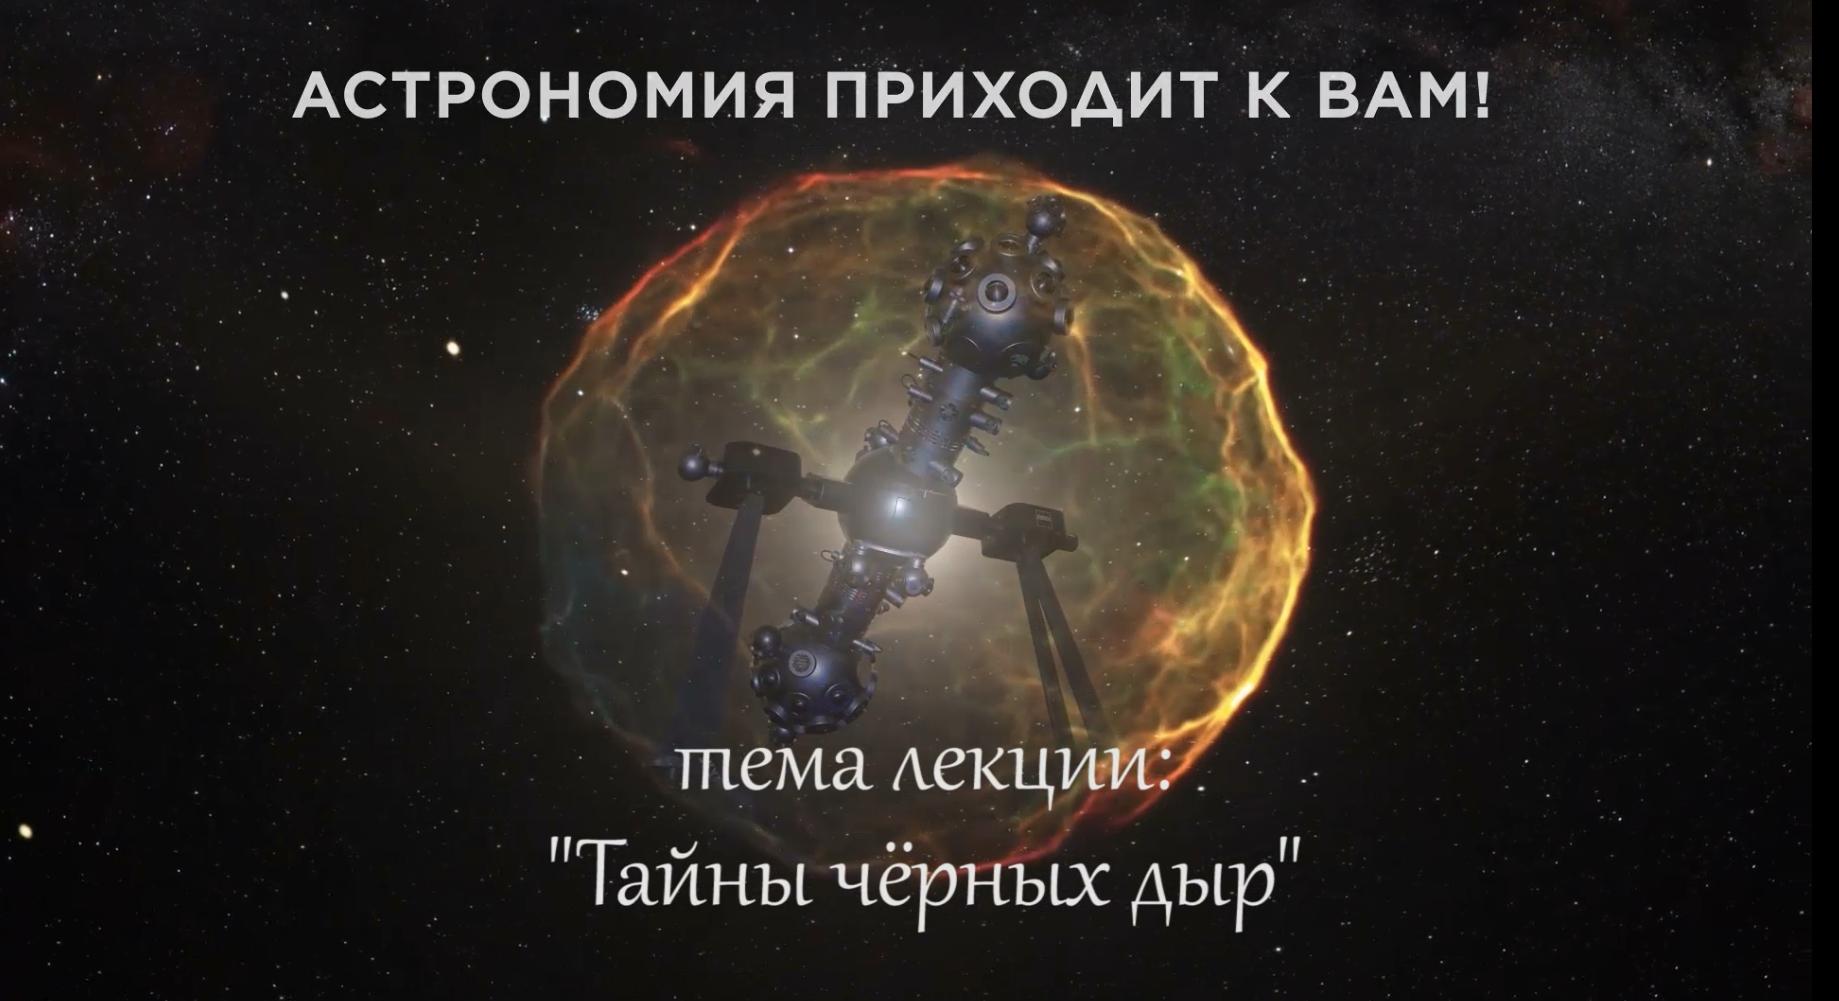 Тайны черных дыр